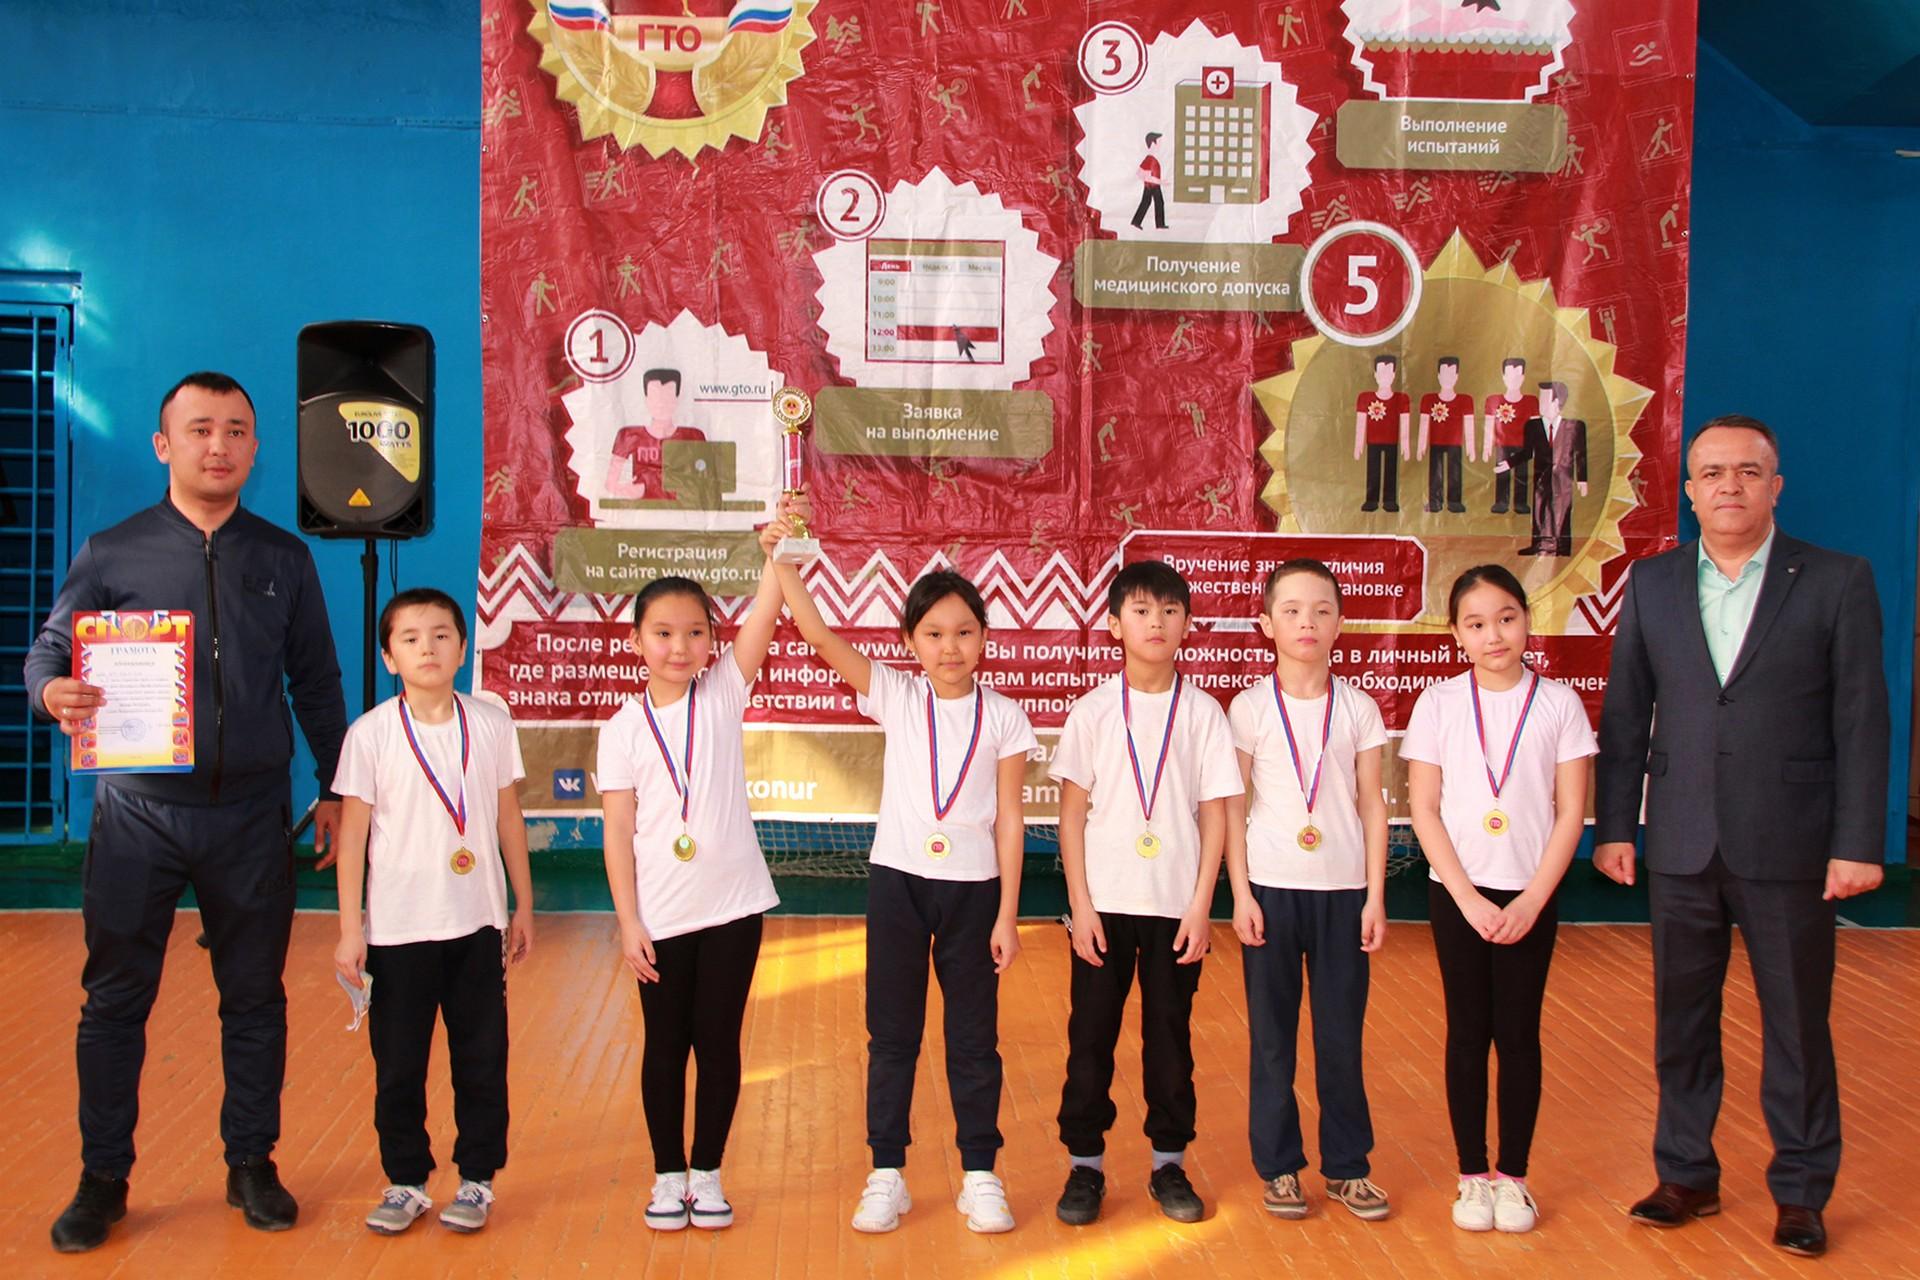 Школьники продемонстрировали спортивную подготовку в городском первенстве по эстафете ГТО